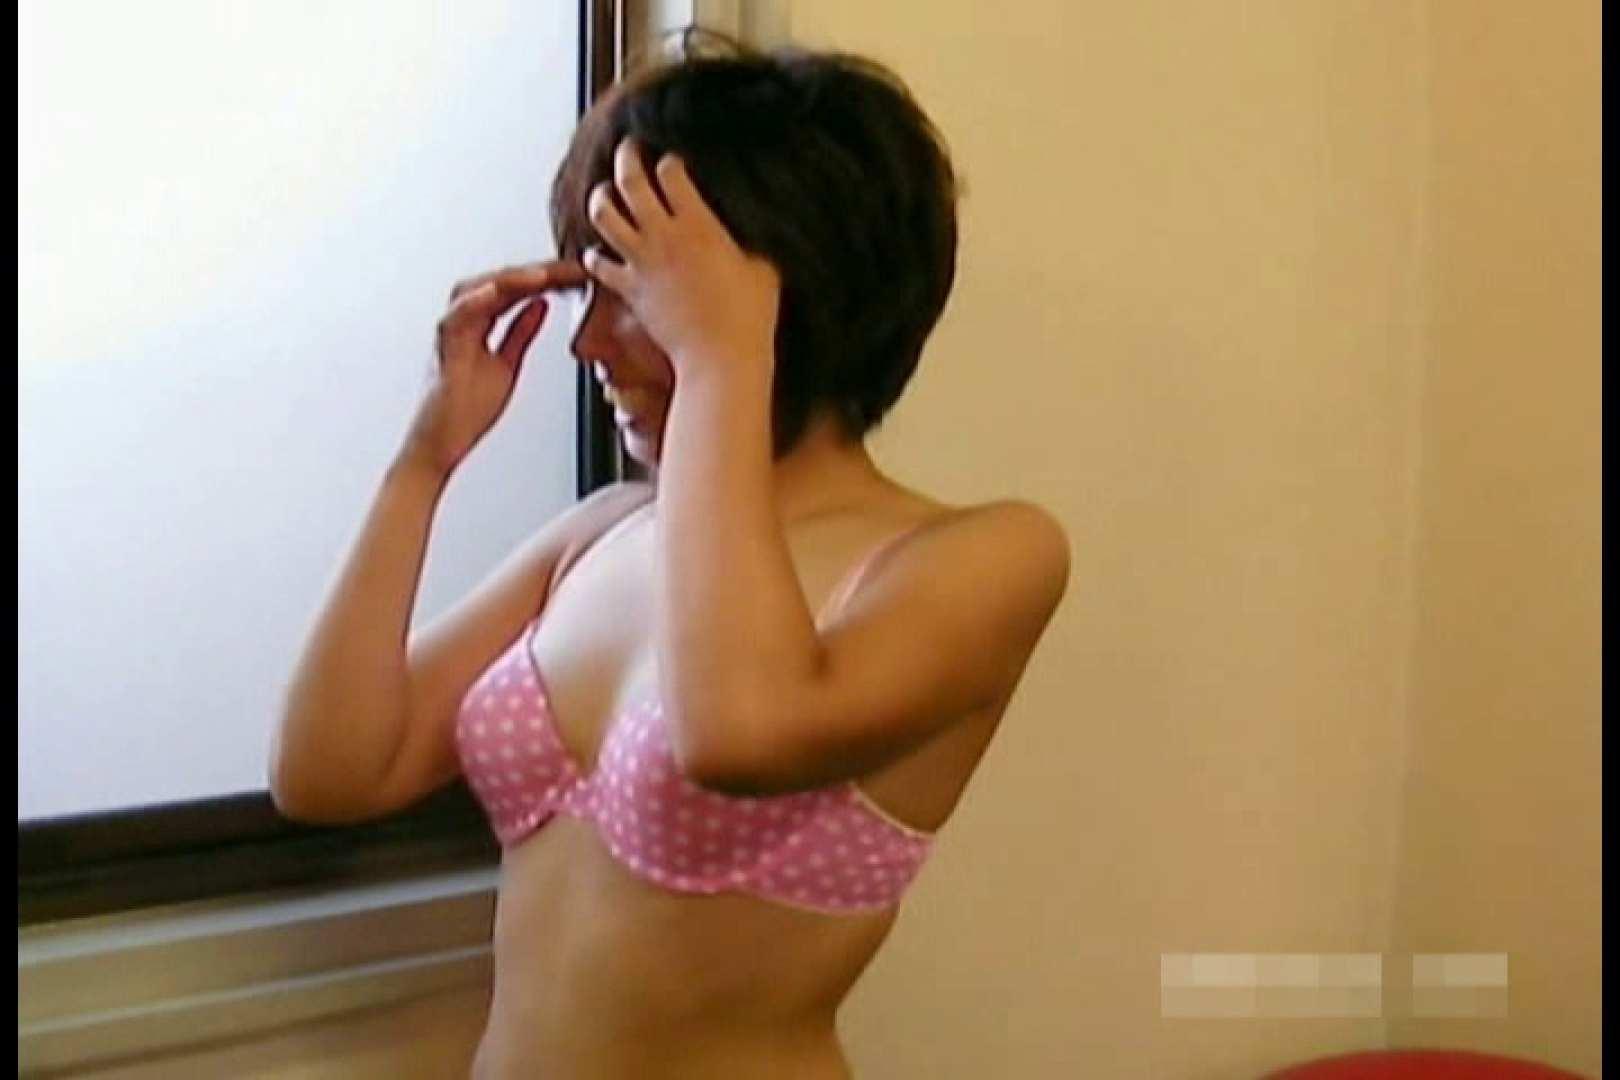 素人撮影 下着だけの撮影のはずが・・・エミちゃん18歳 水着特集 女性器鑑賞 95pic 80